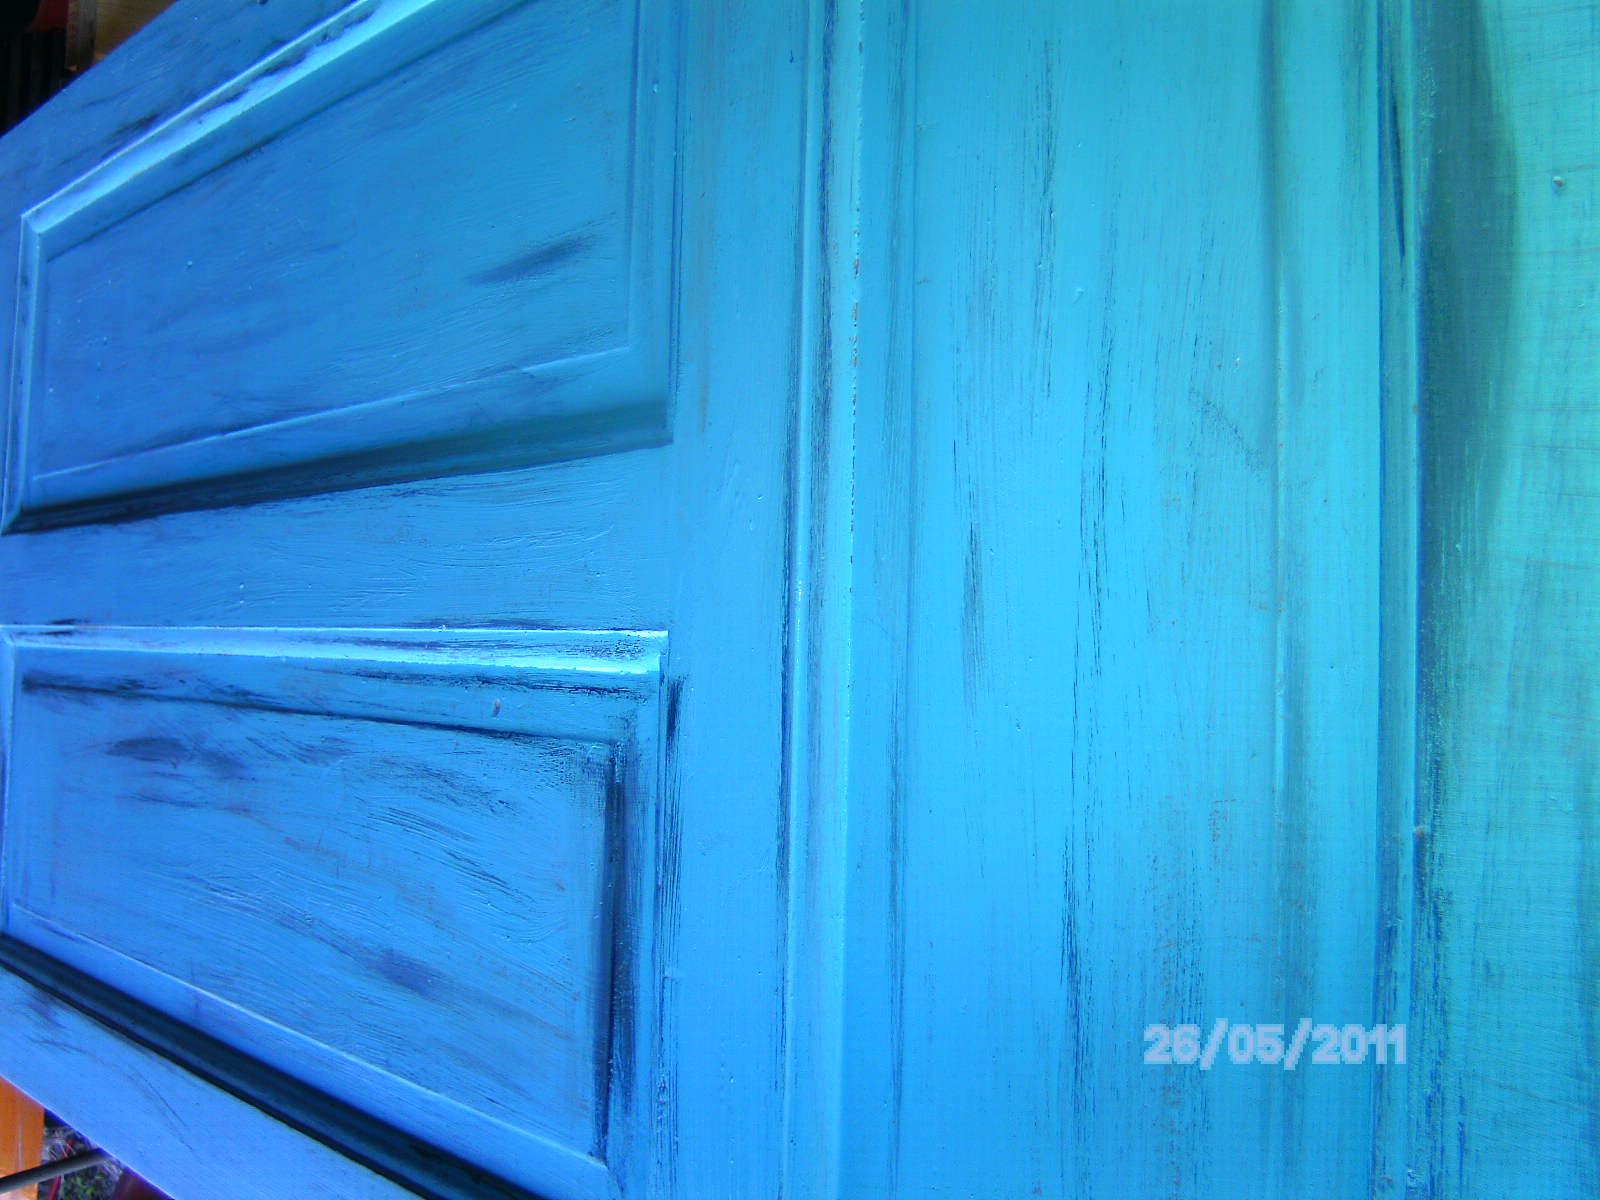 FåNGA DAGEN och låt kreativiteten flöda Dörr=Sänggavel